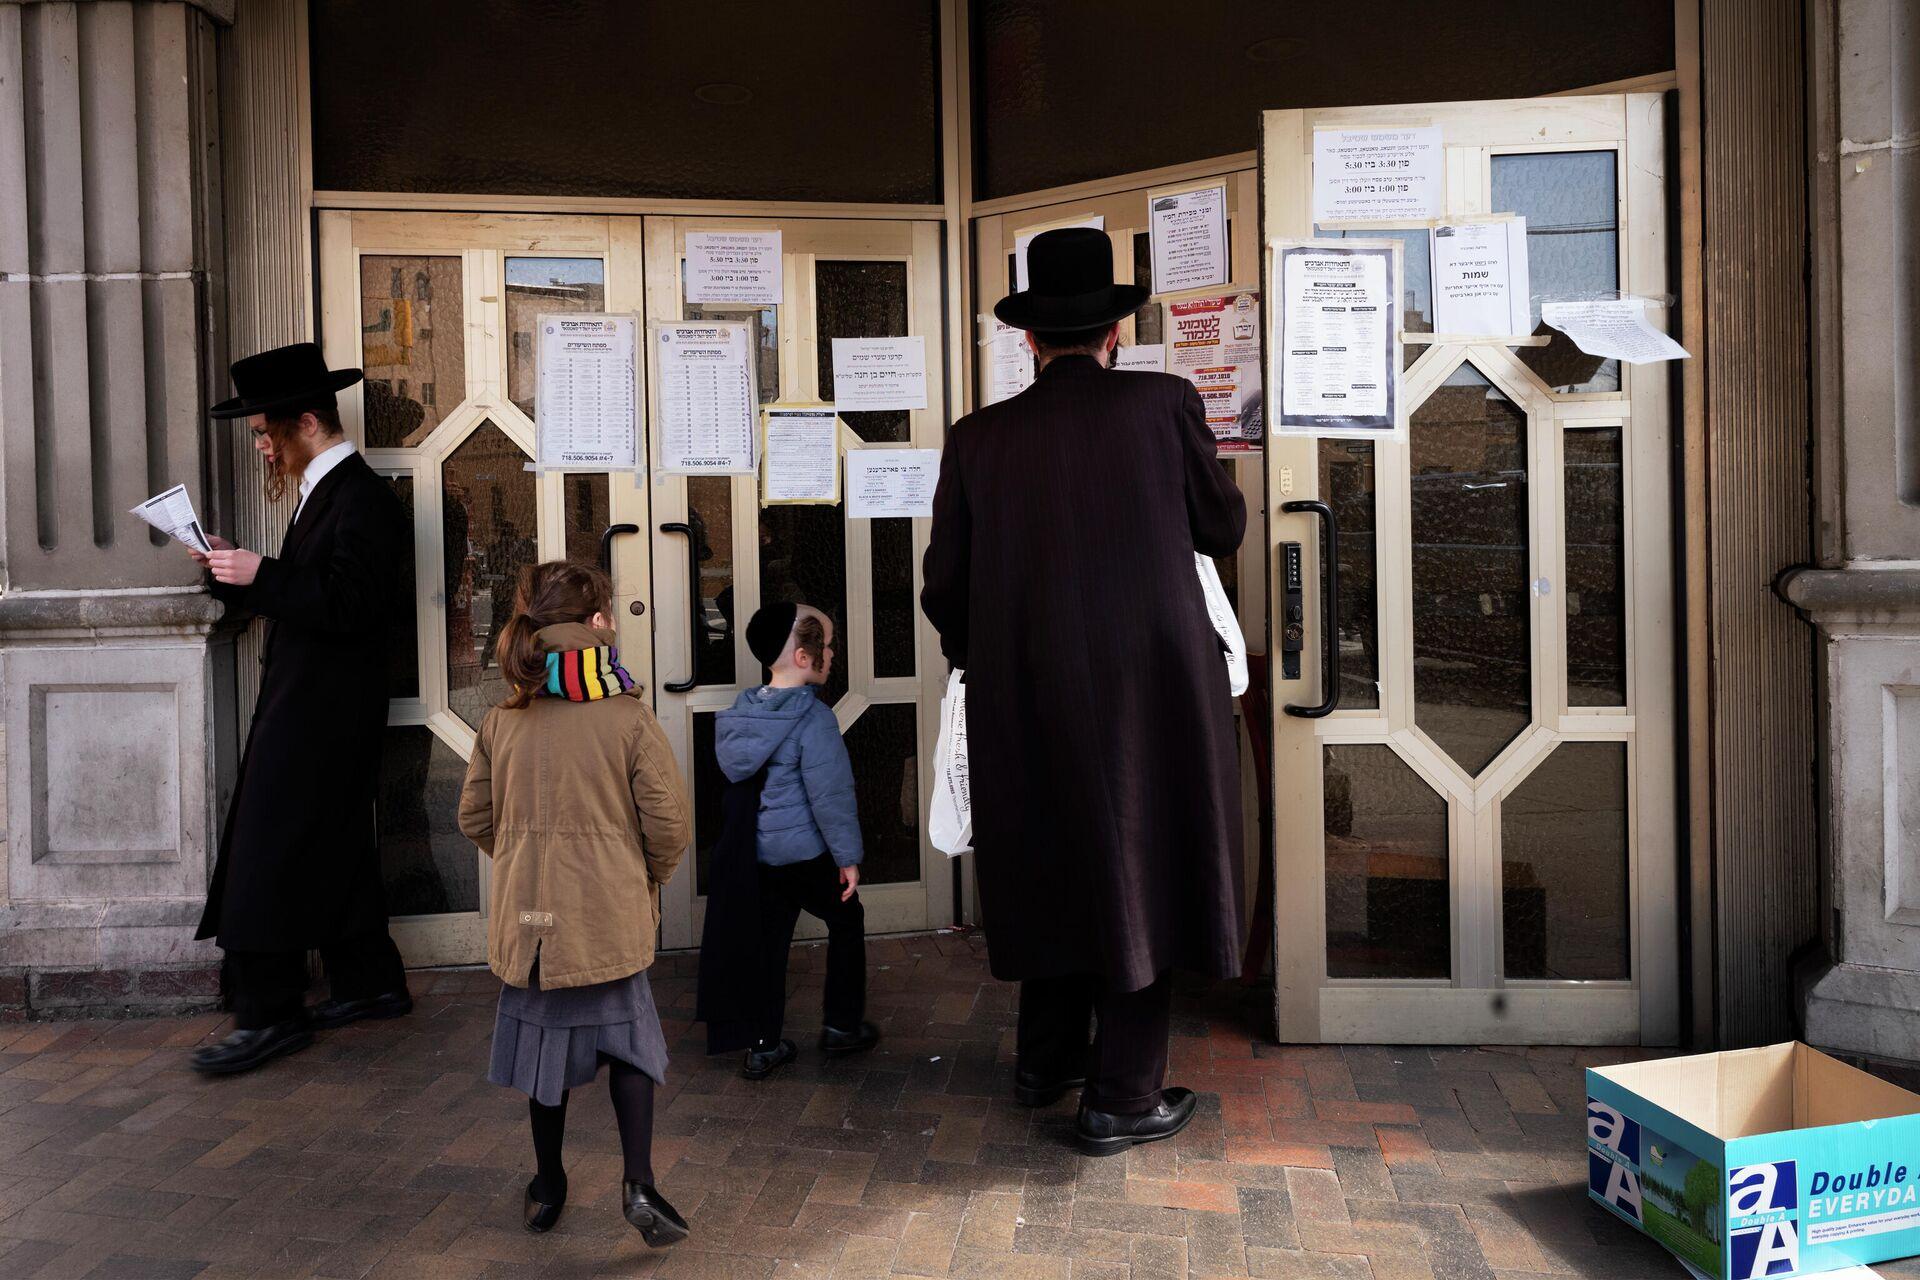 Мужчины у синагоги в Нью-Йорке  - РИА Новости, 1920, 01.12.2020